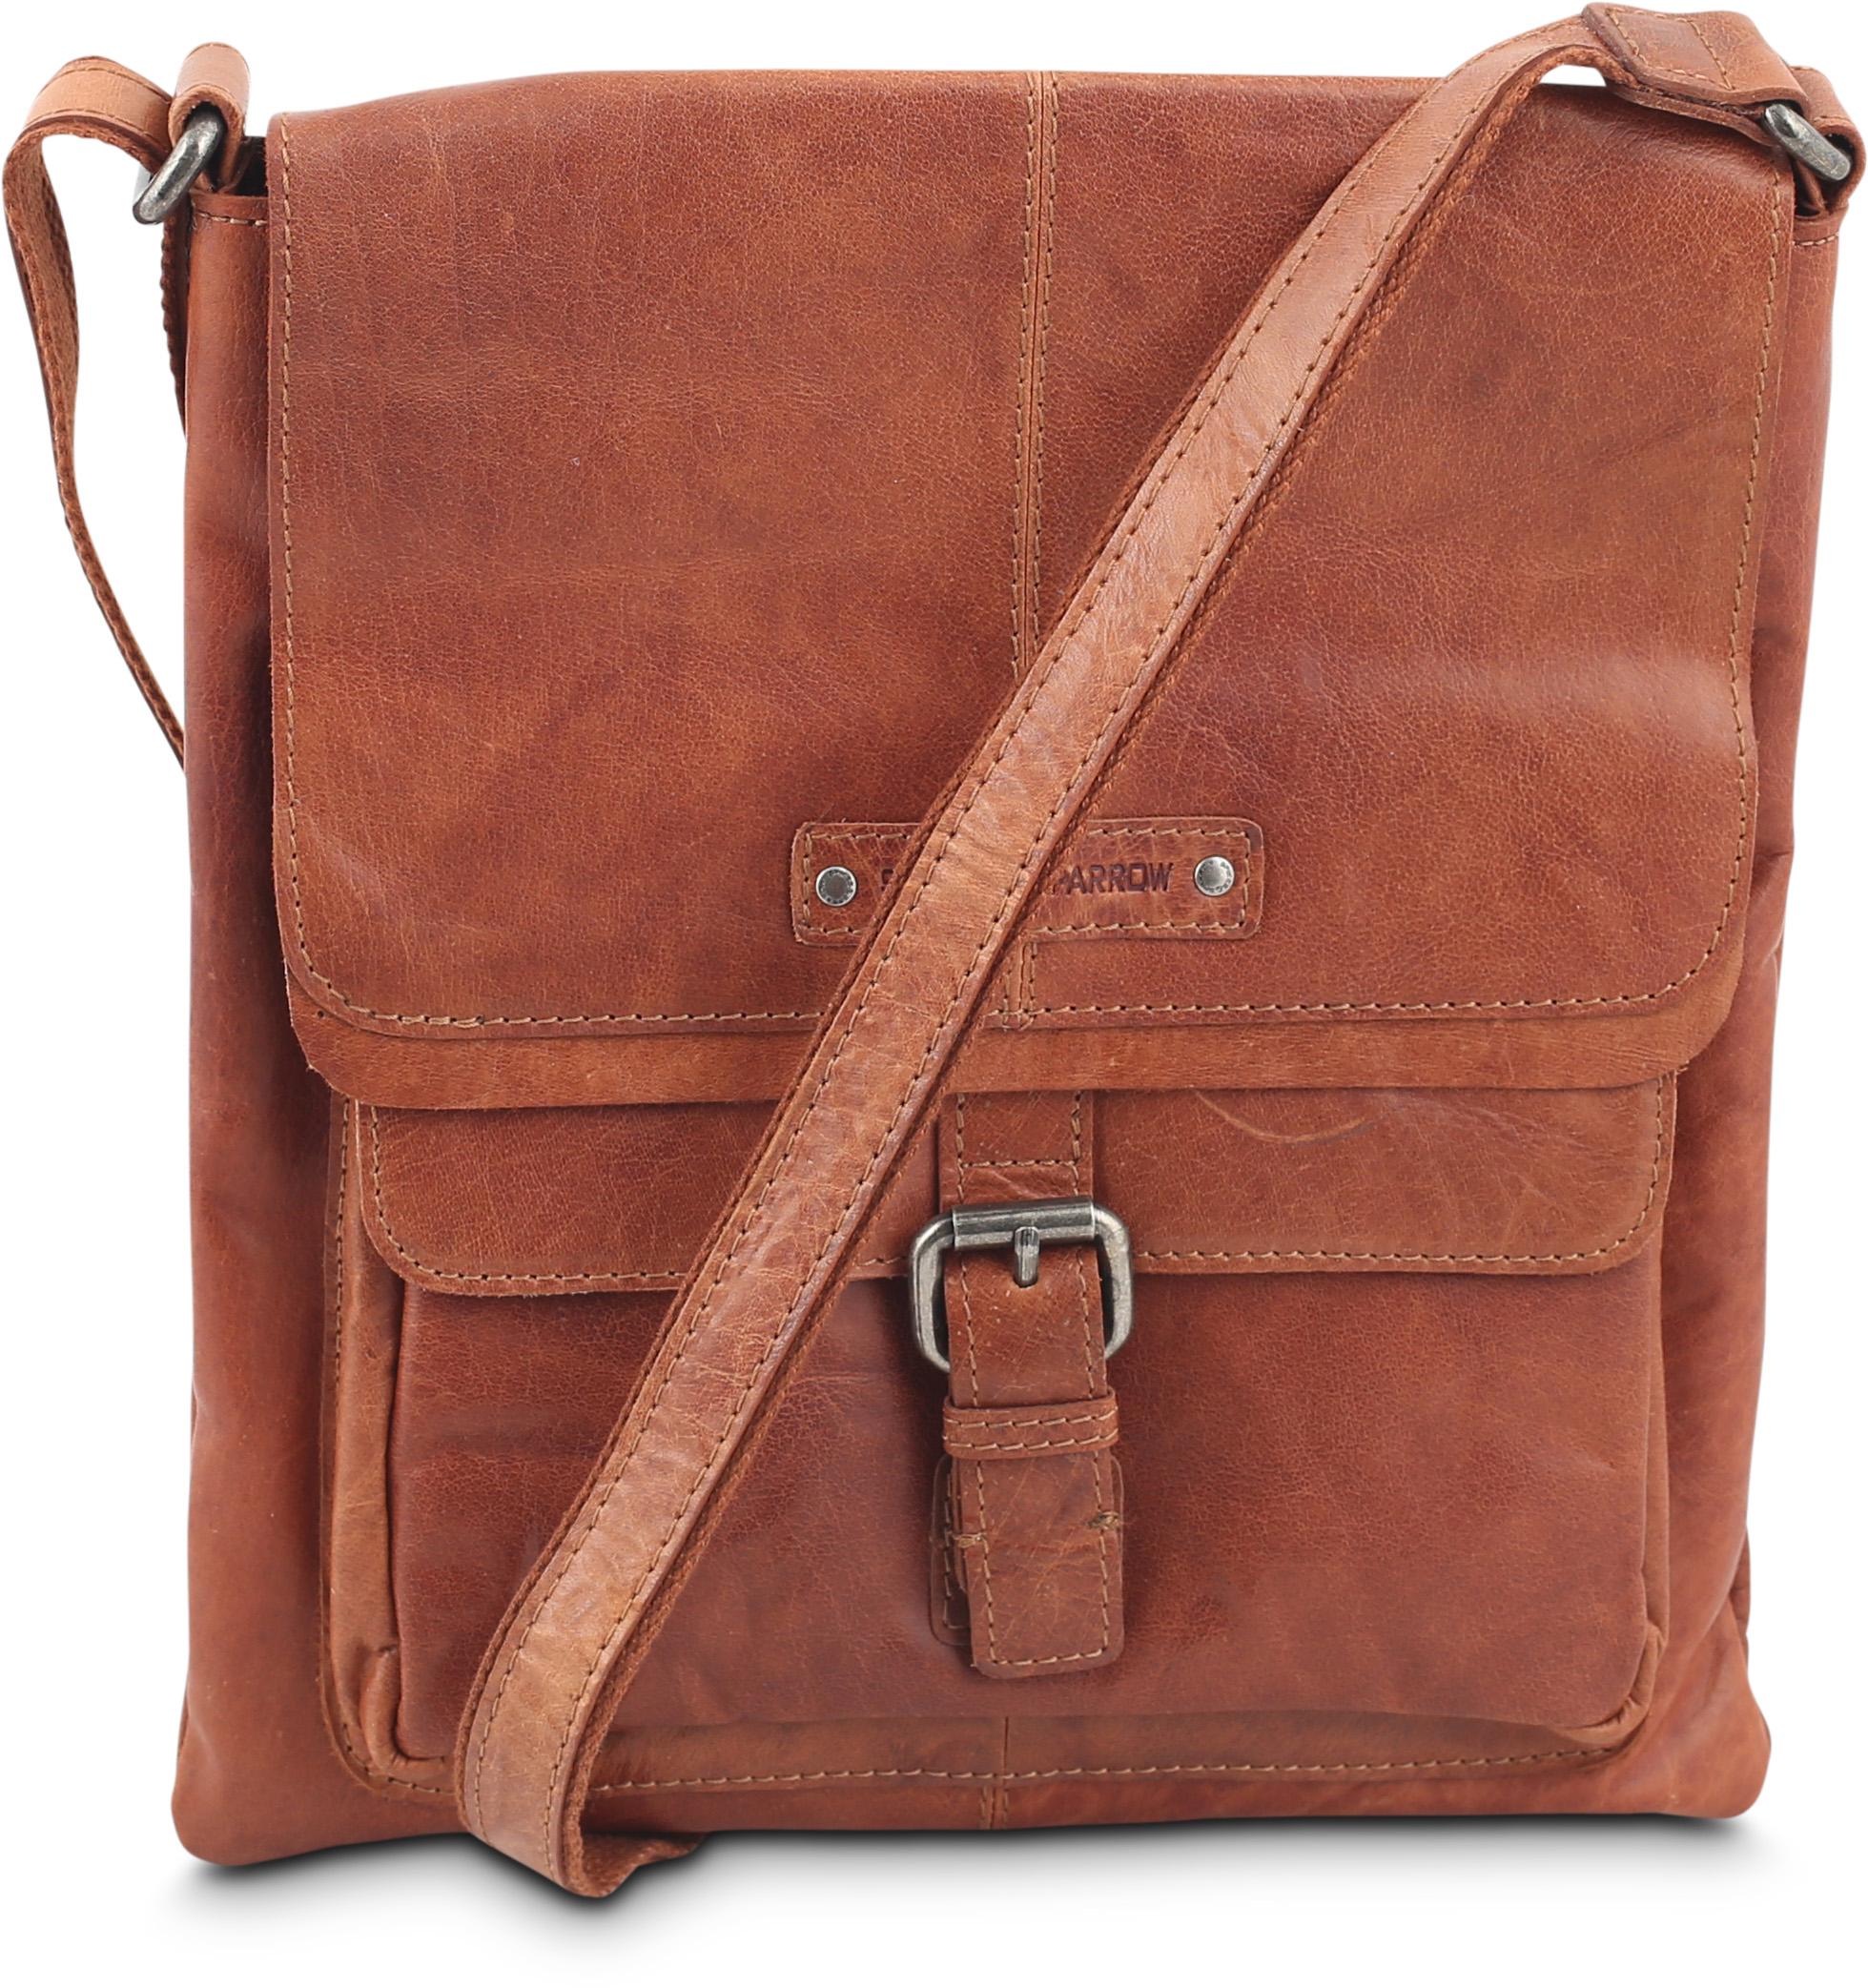 Väska 7723652